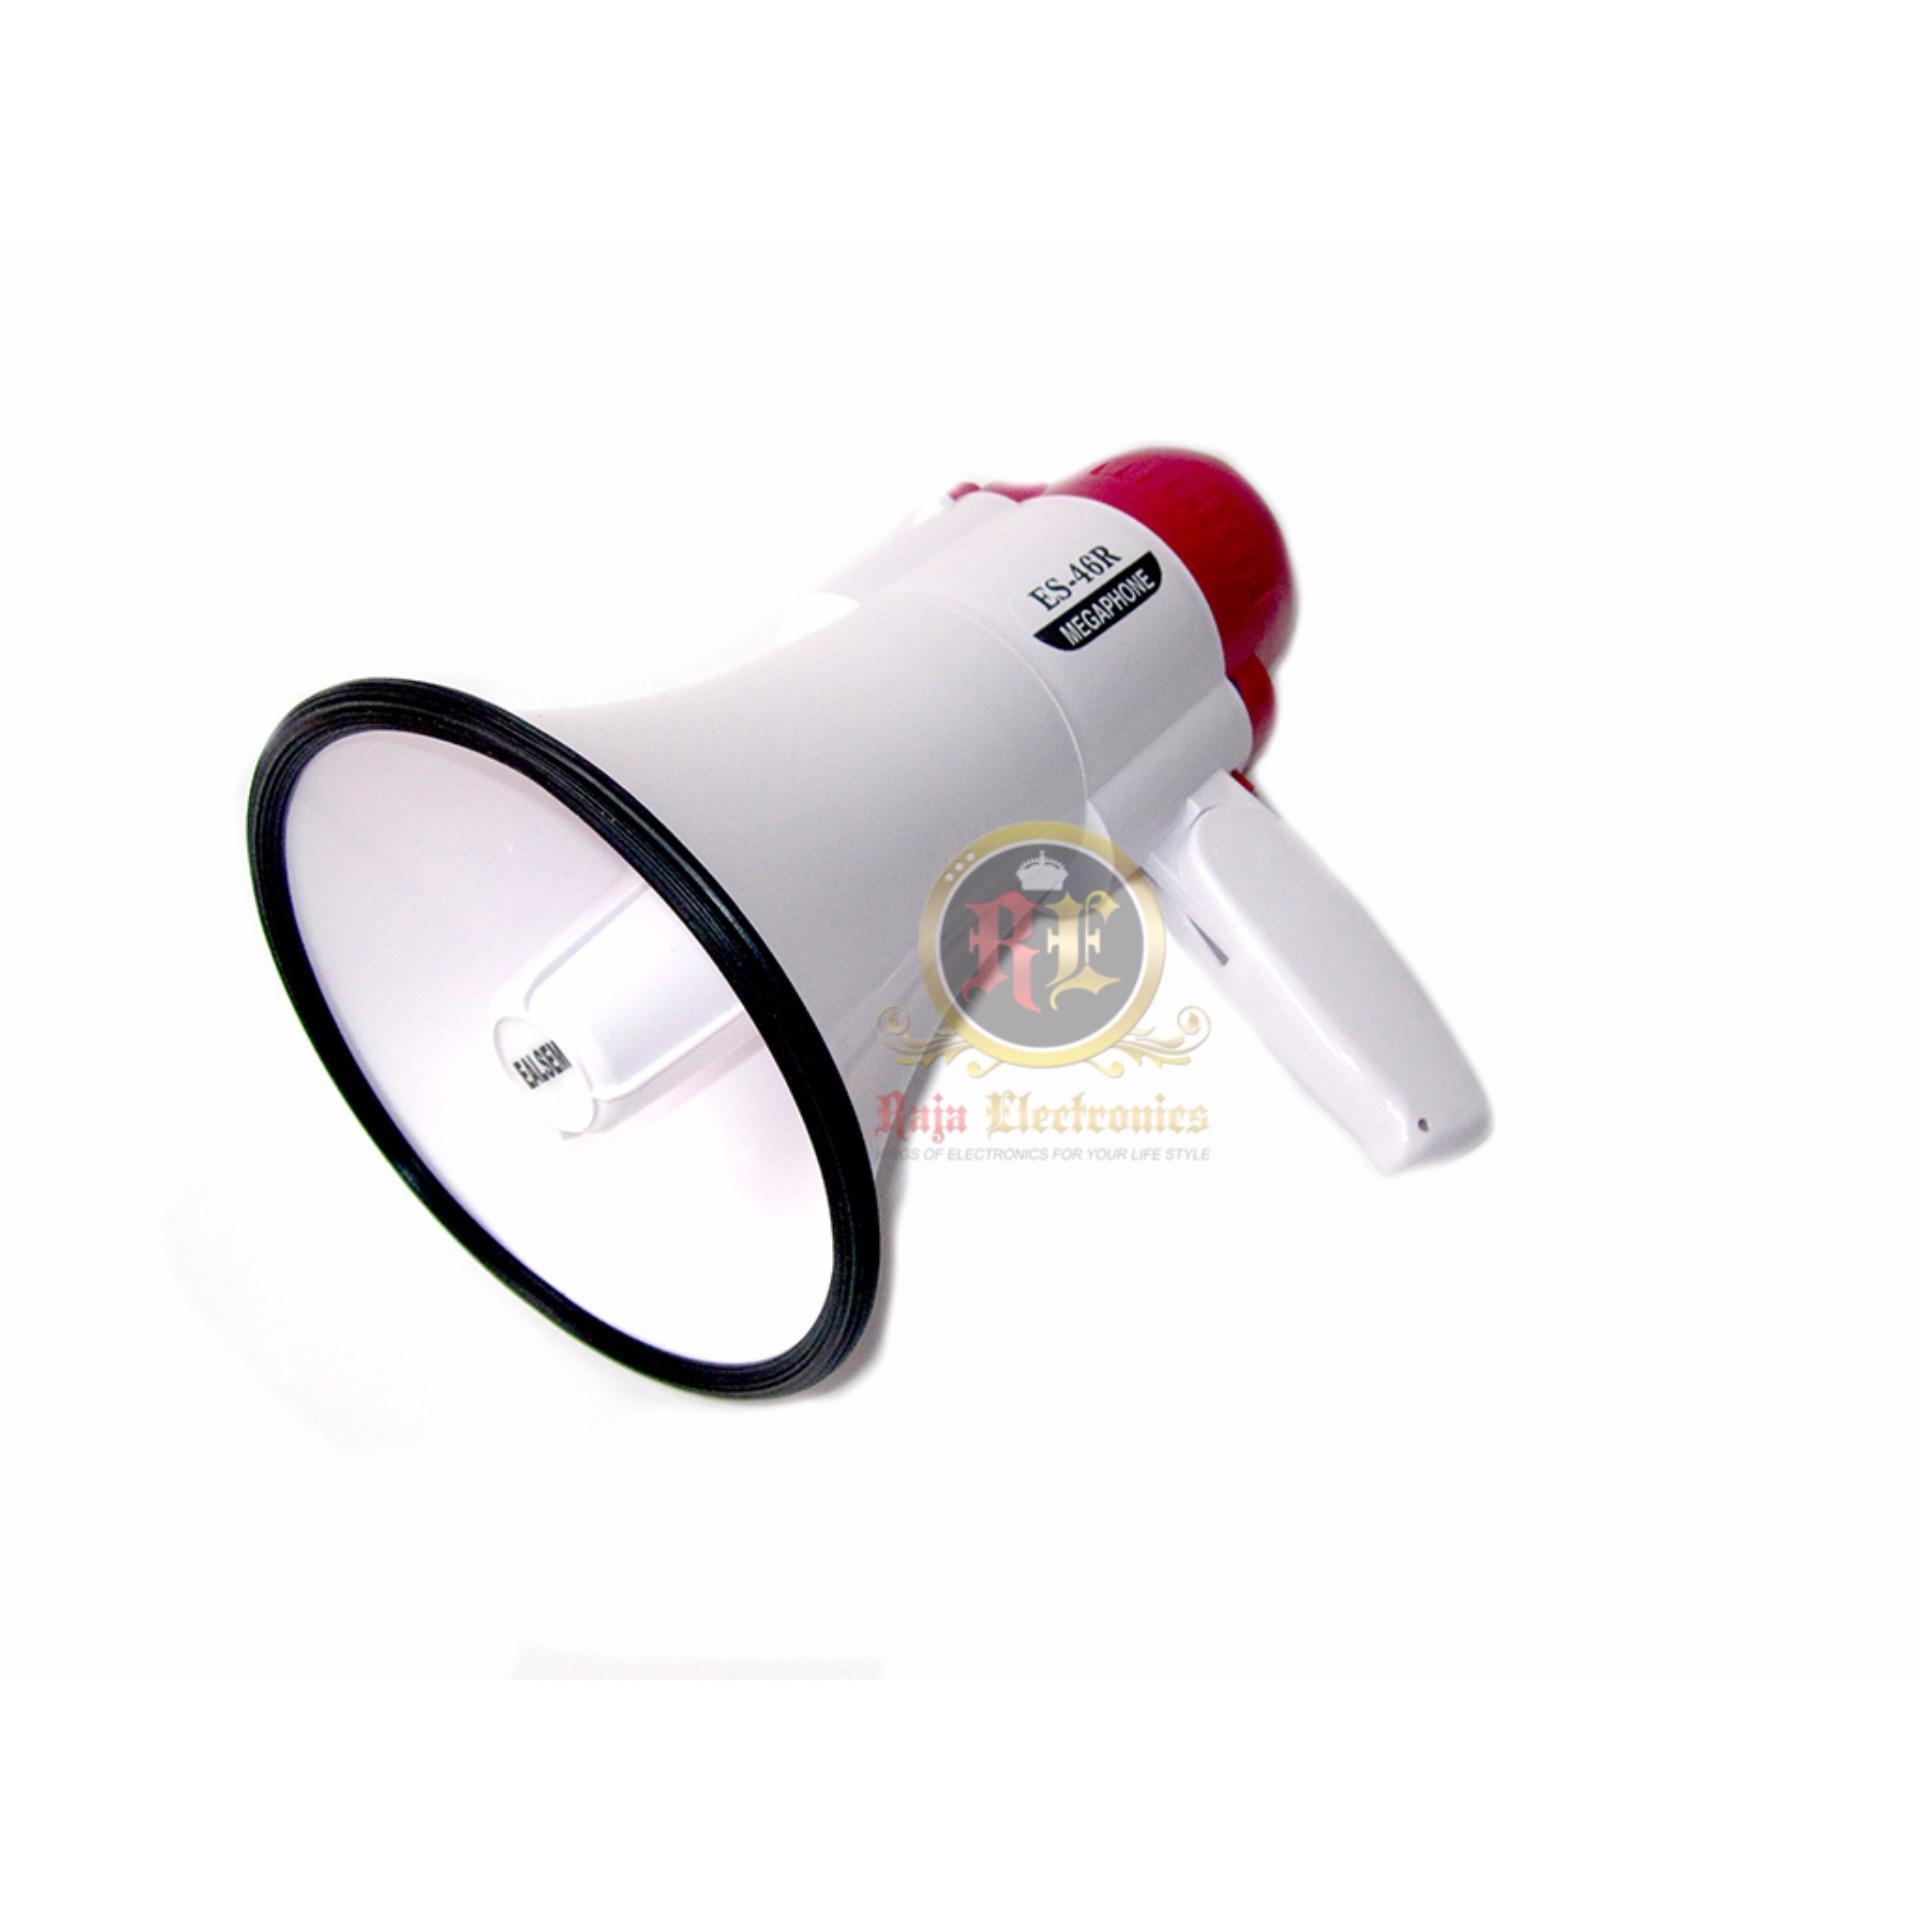 Kehebatan Toa Zm 260 Microphone Kabel Hitam Dan Harga Update Mic 270 Ealsen Es 46 R Speaker